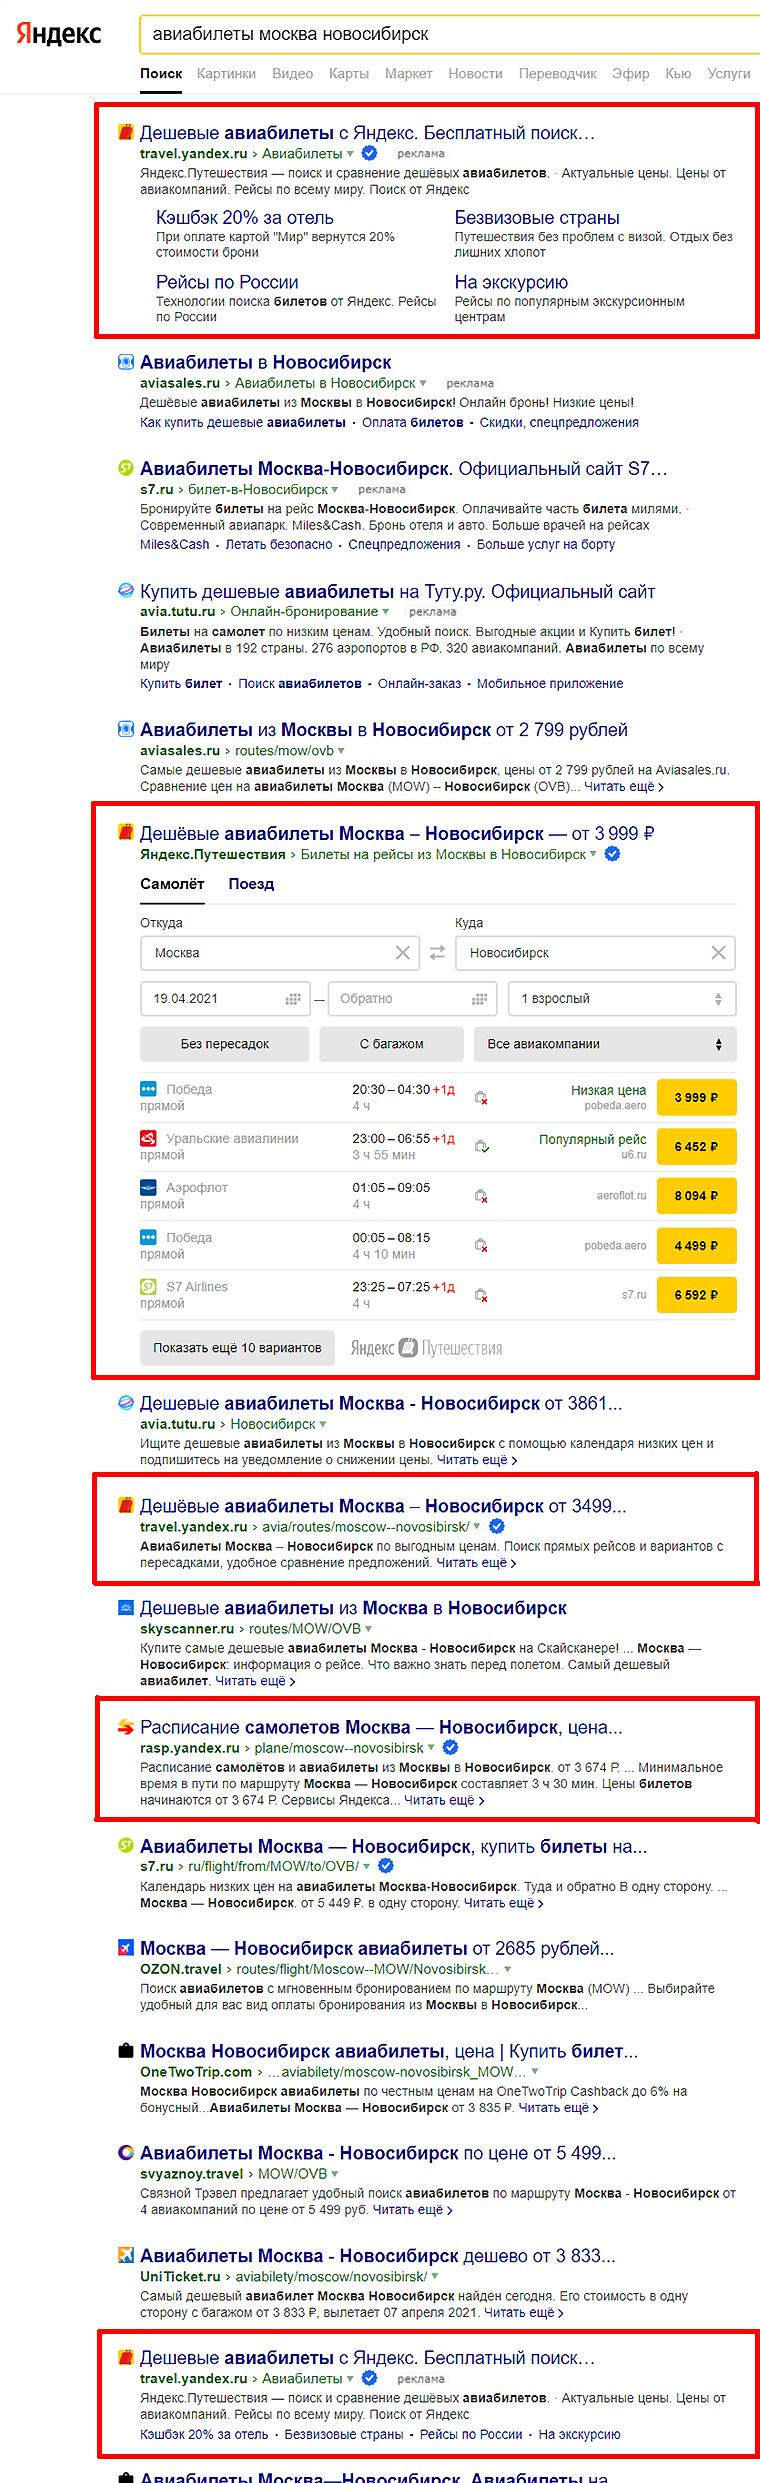 ФАС возбудила дело против Яндекса: что это значит для Рунета - 2